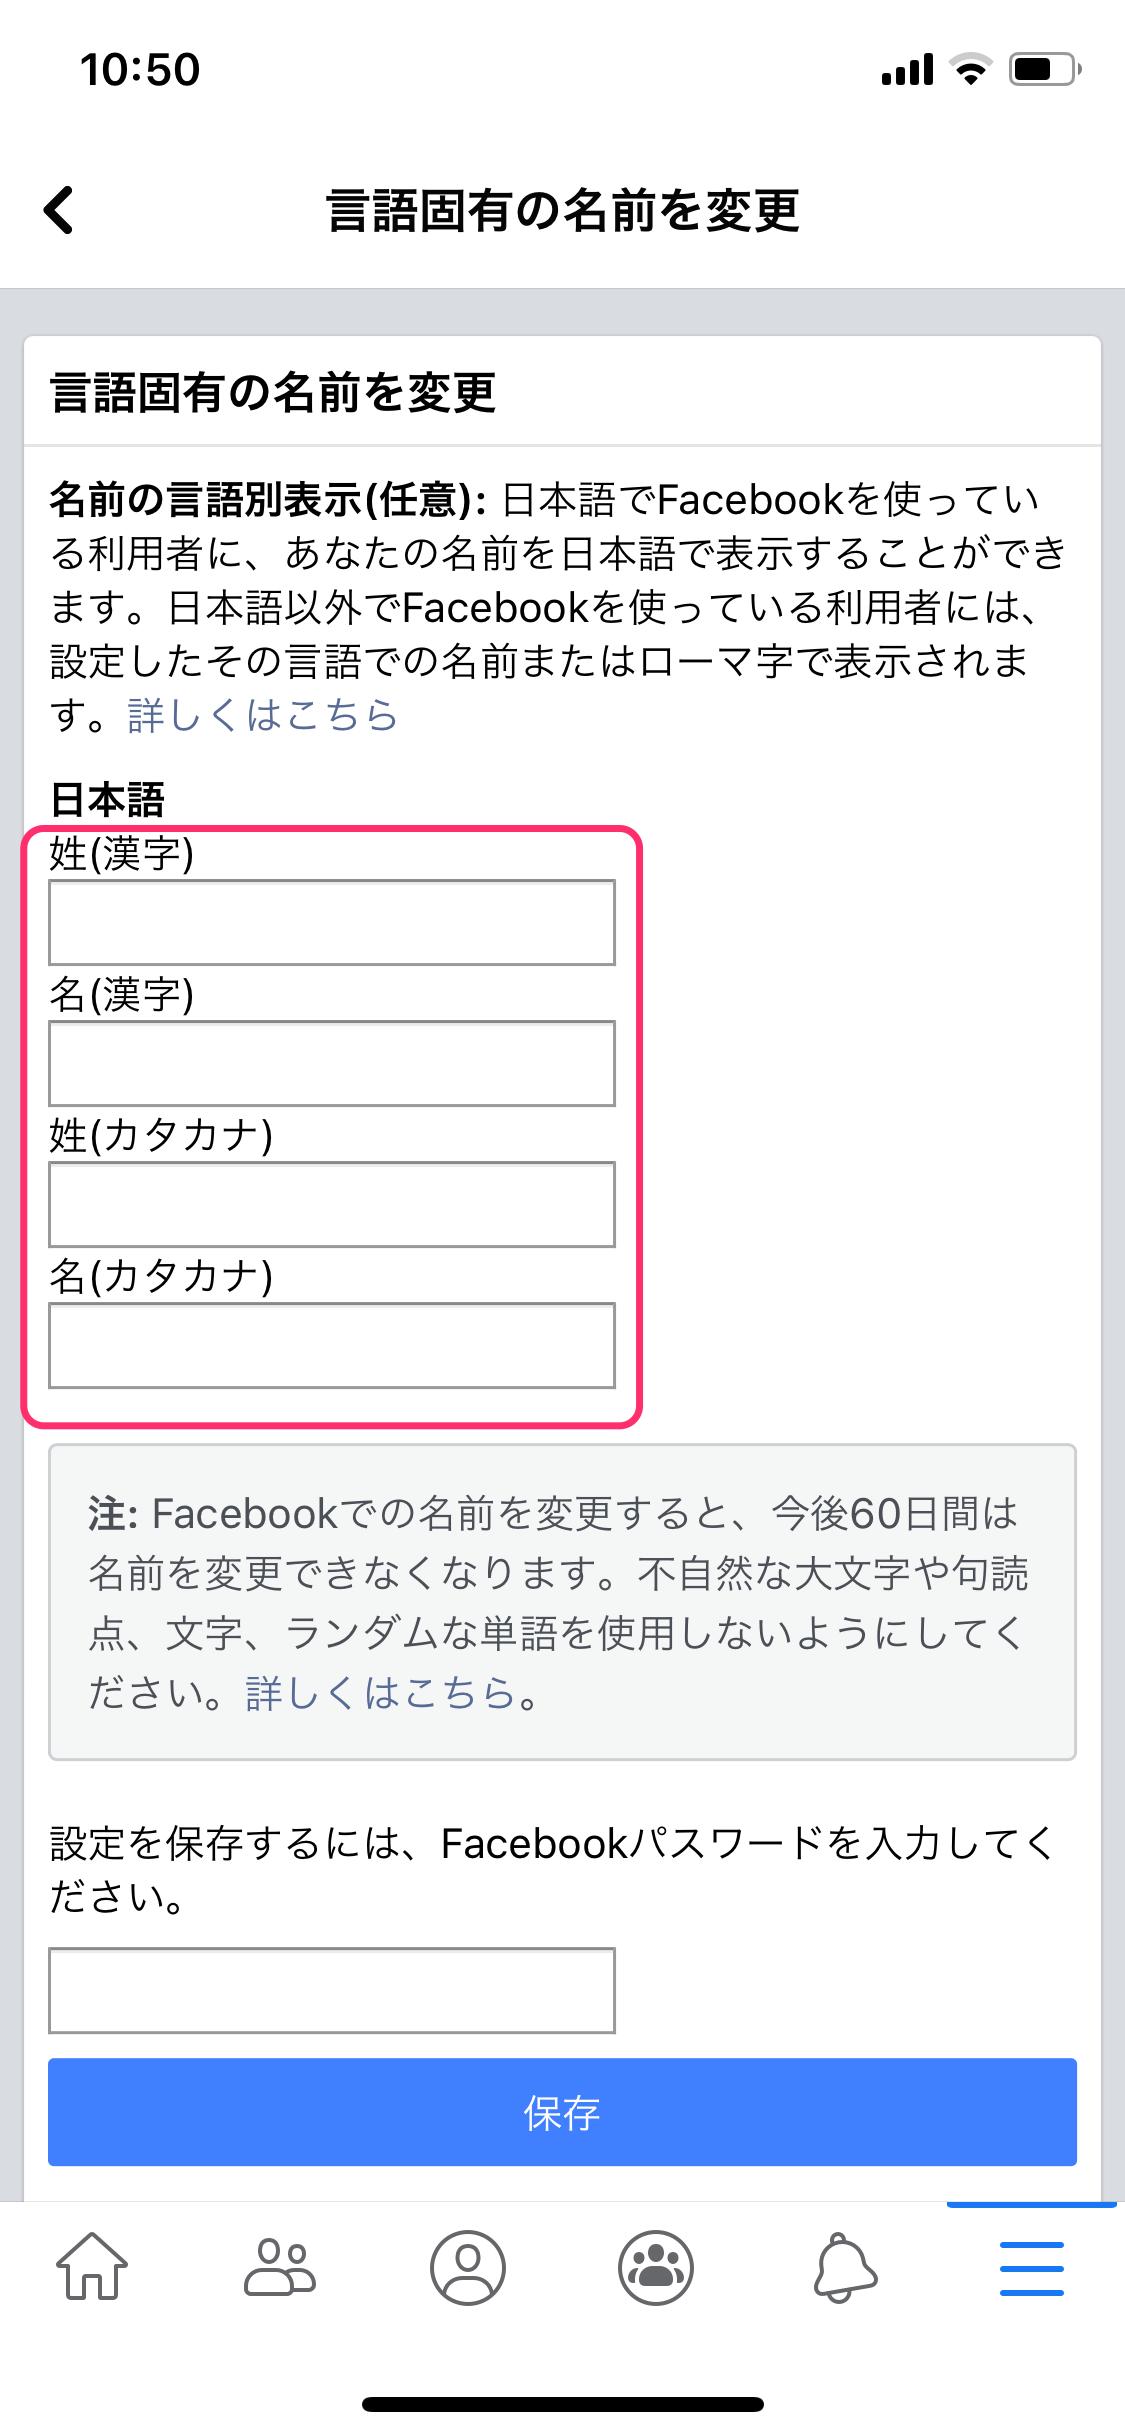 Facebook 言語別の名前